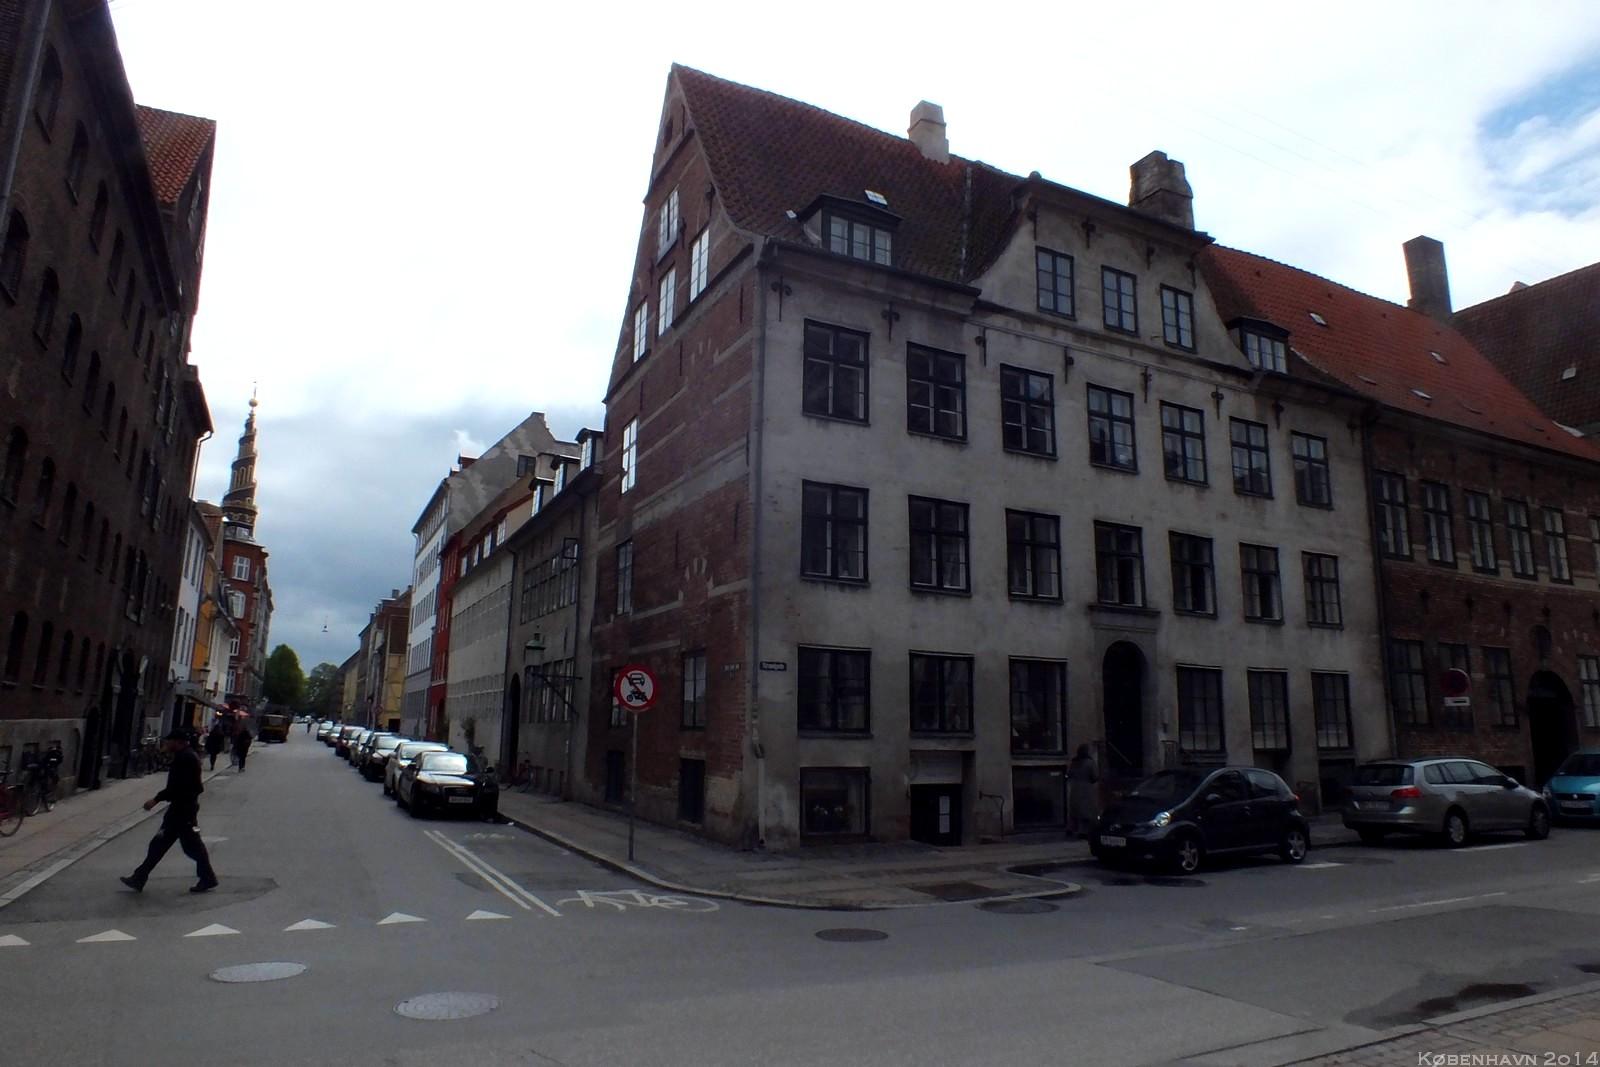 København, Sankt Anna Gade